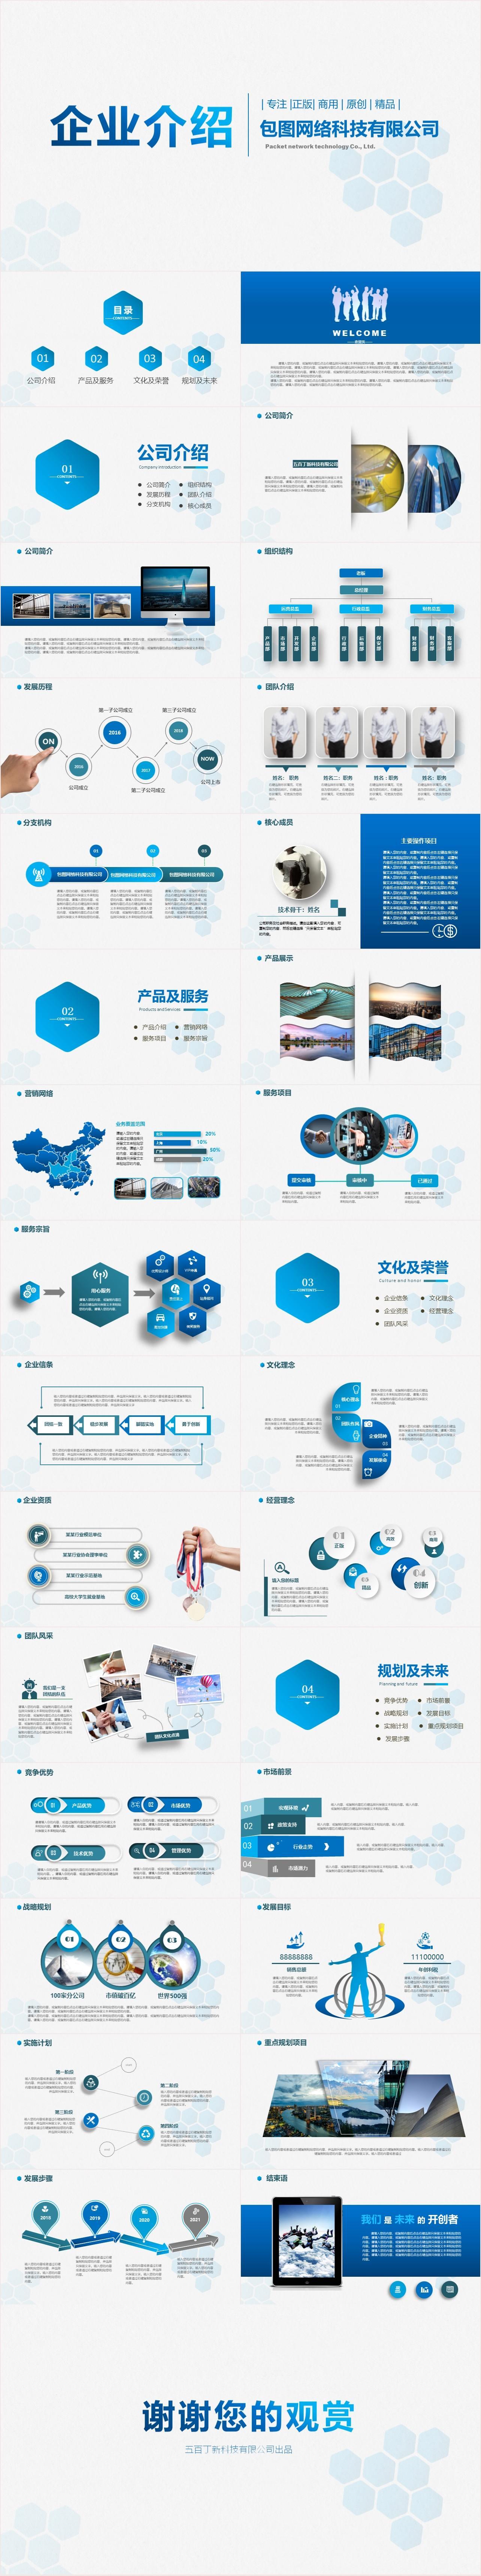 CL0103 企业宣传PPT 科技PPT 互联网PPT